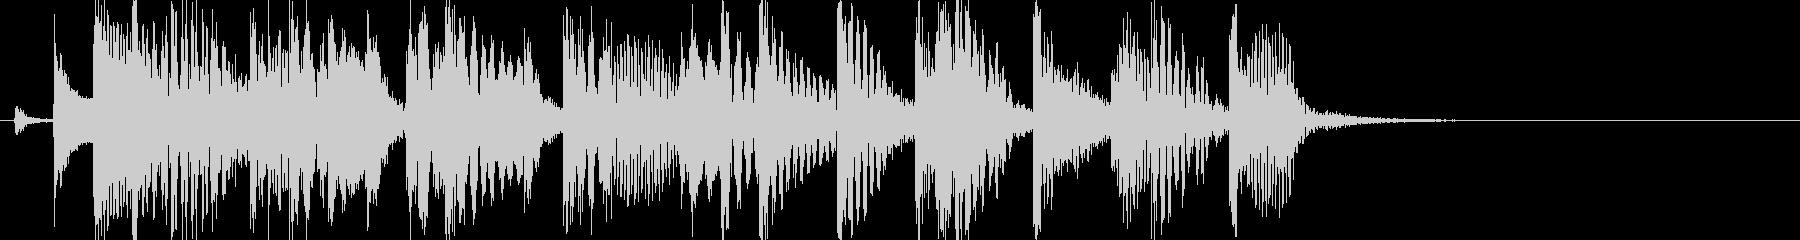 マリンバが印象的な、ほのぼの系ジングルの未再生の波形